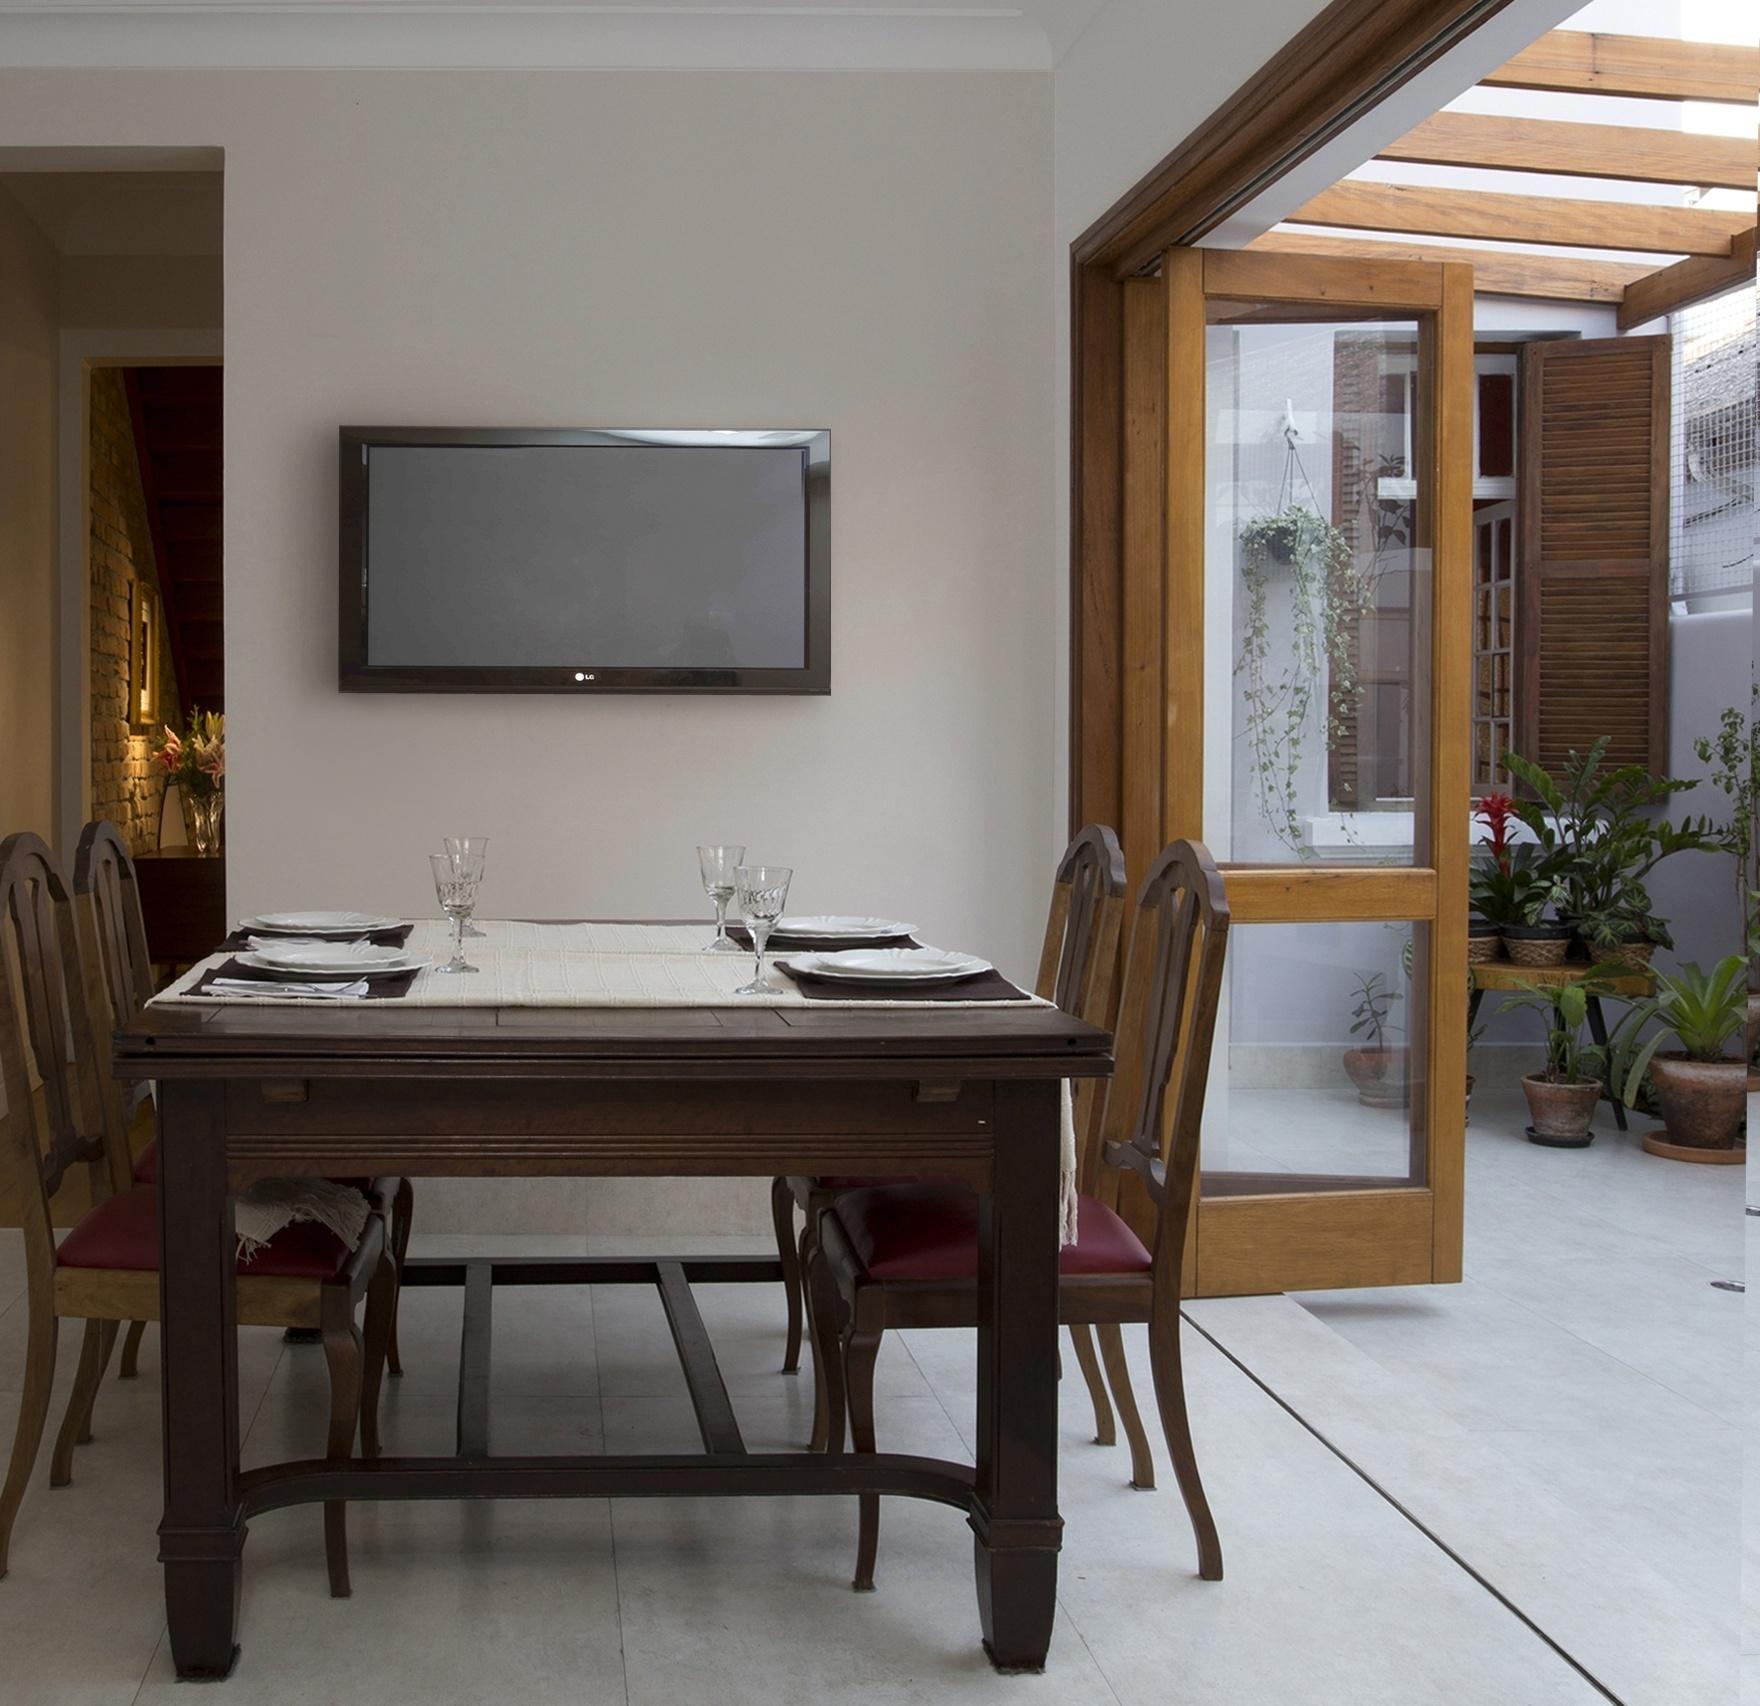 Inspire se em modelos de cozinha para decorar a sua BOL Fotos BOL  #7F603F 1760 1706